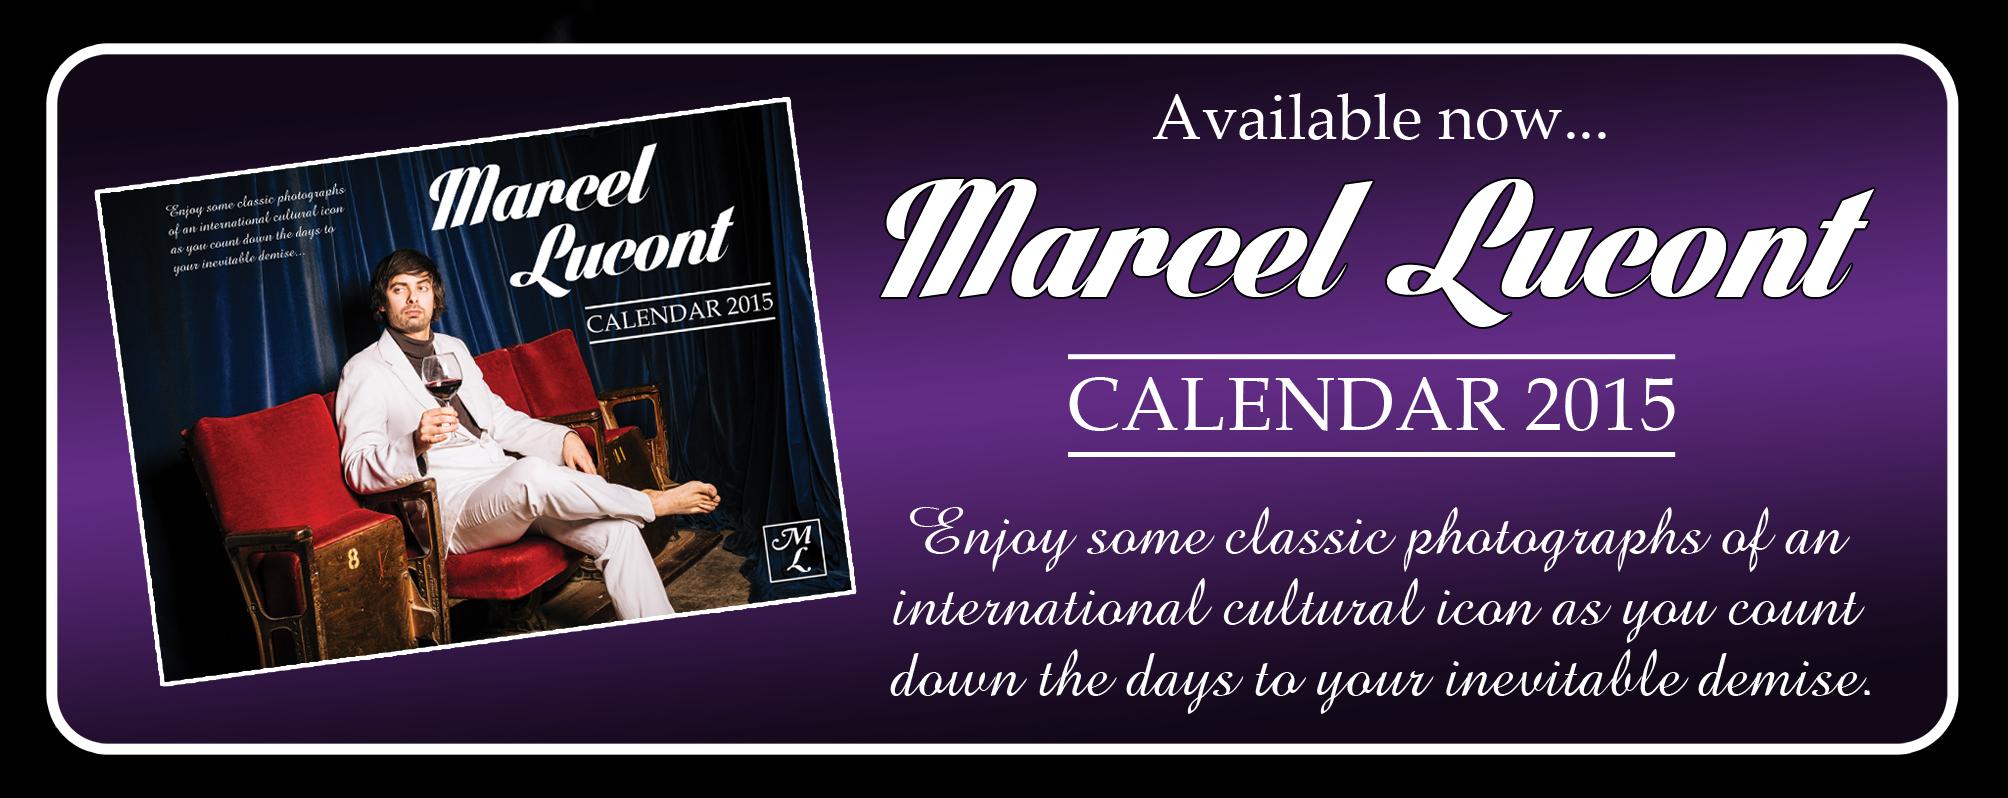 Calendar website banner